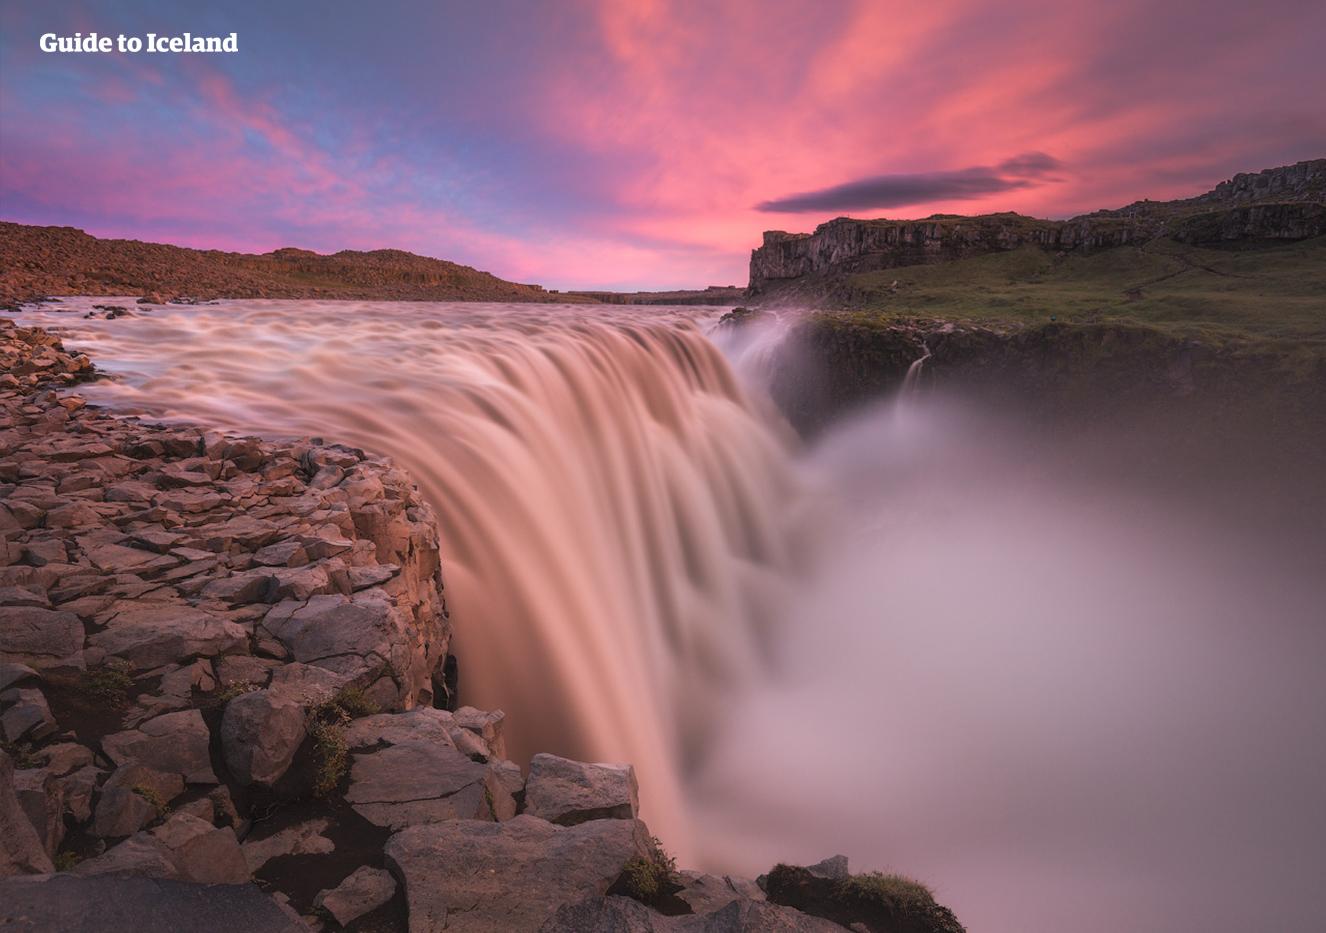 夏の周遊バスツアー8日間 少人数グループでアイスランドを一周する旅